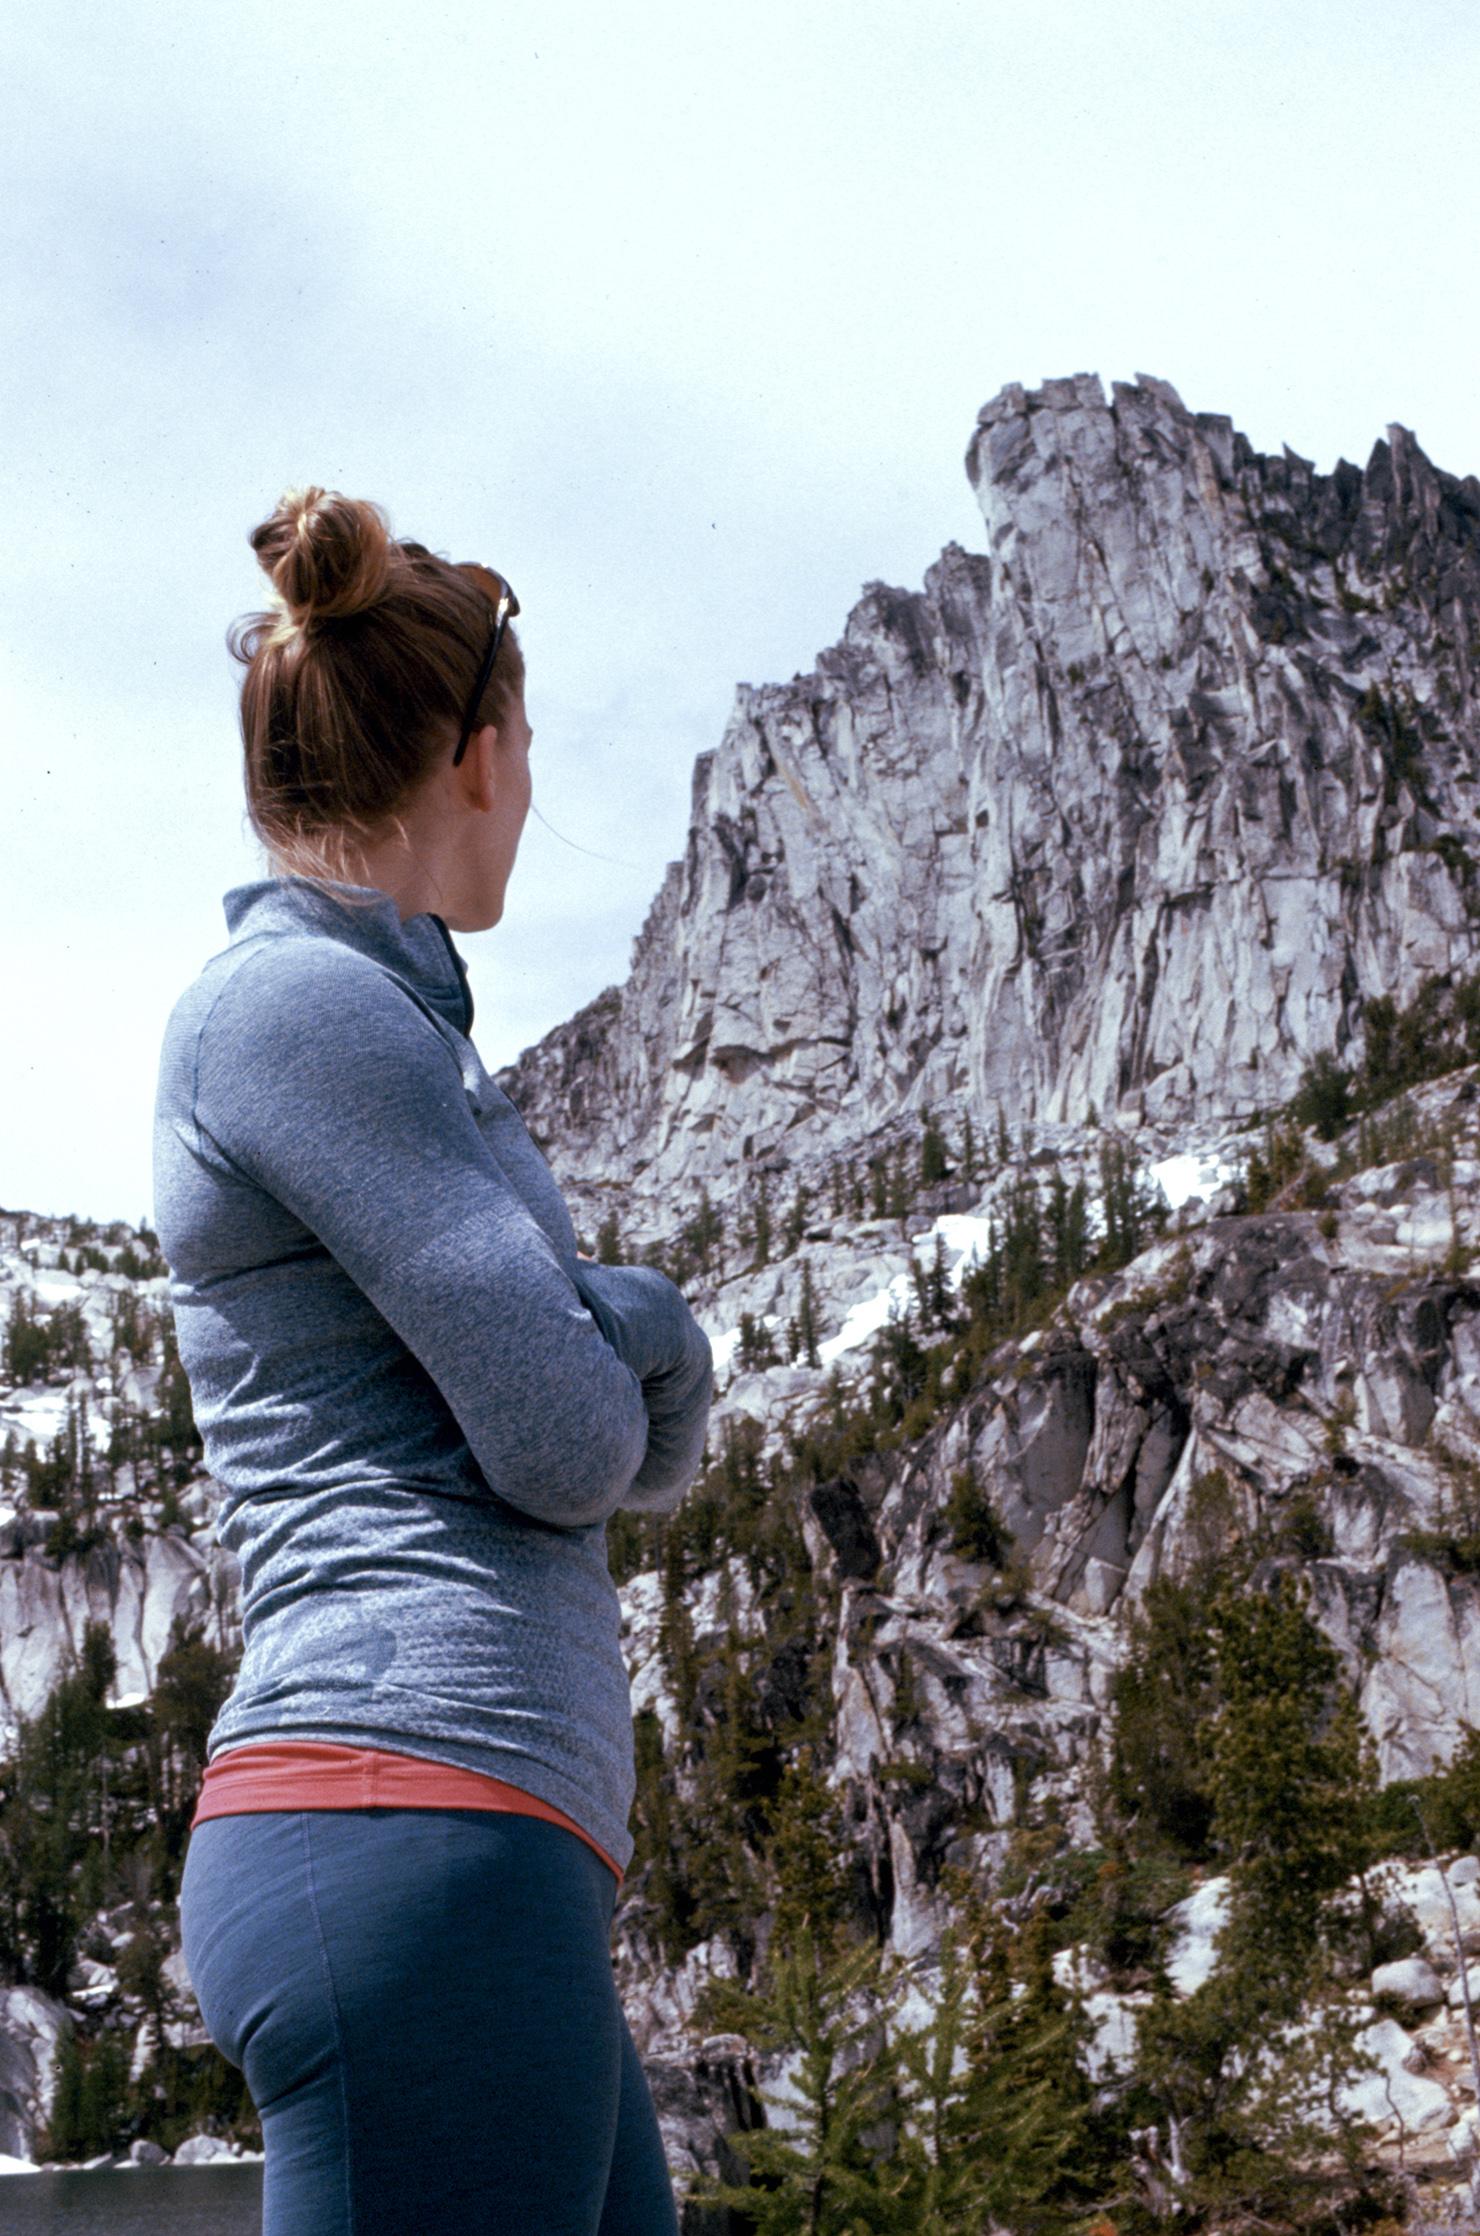 Tia and the Mountain